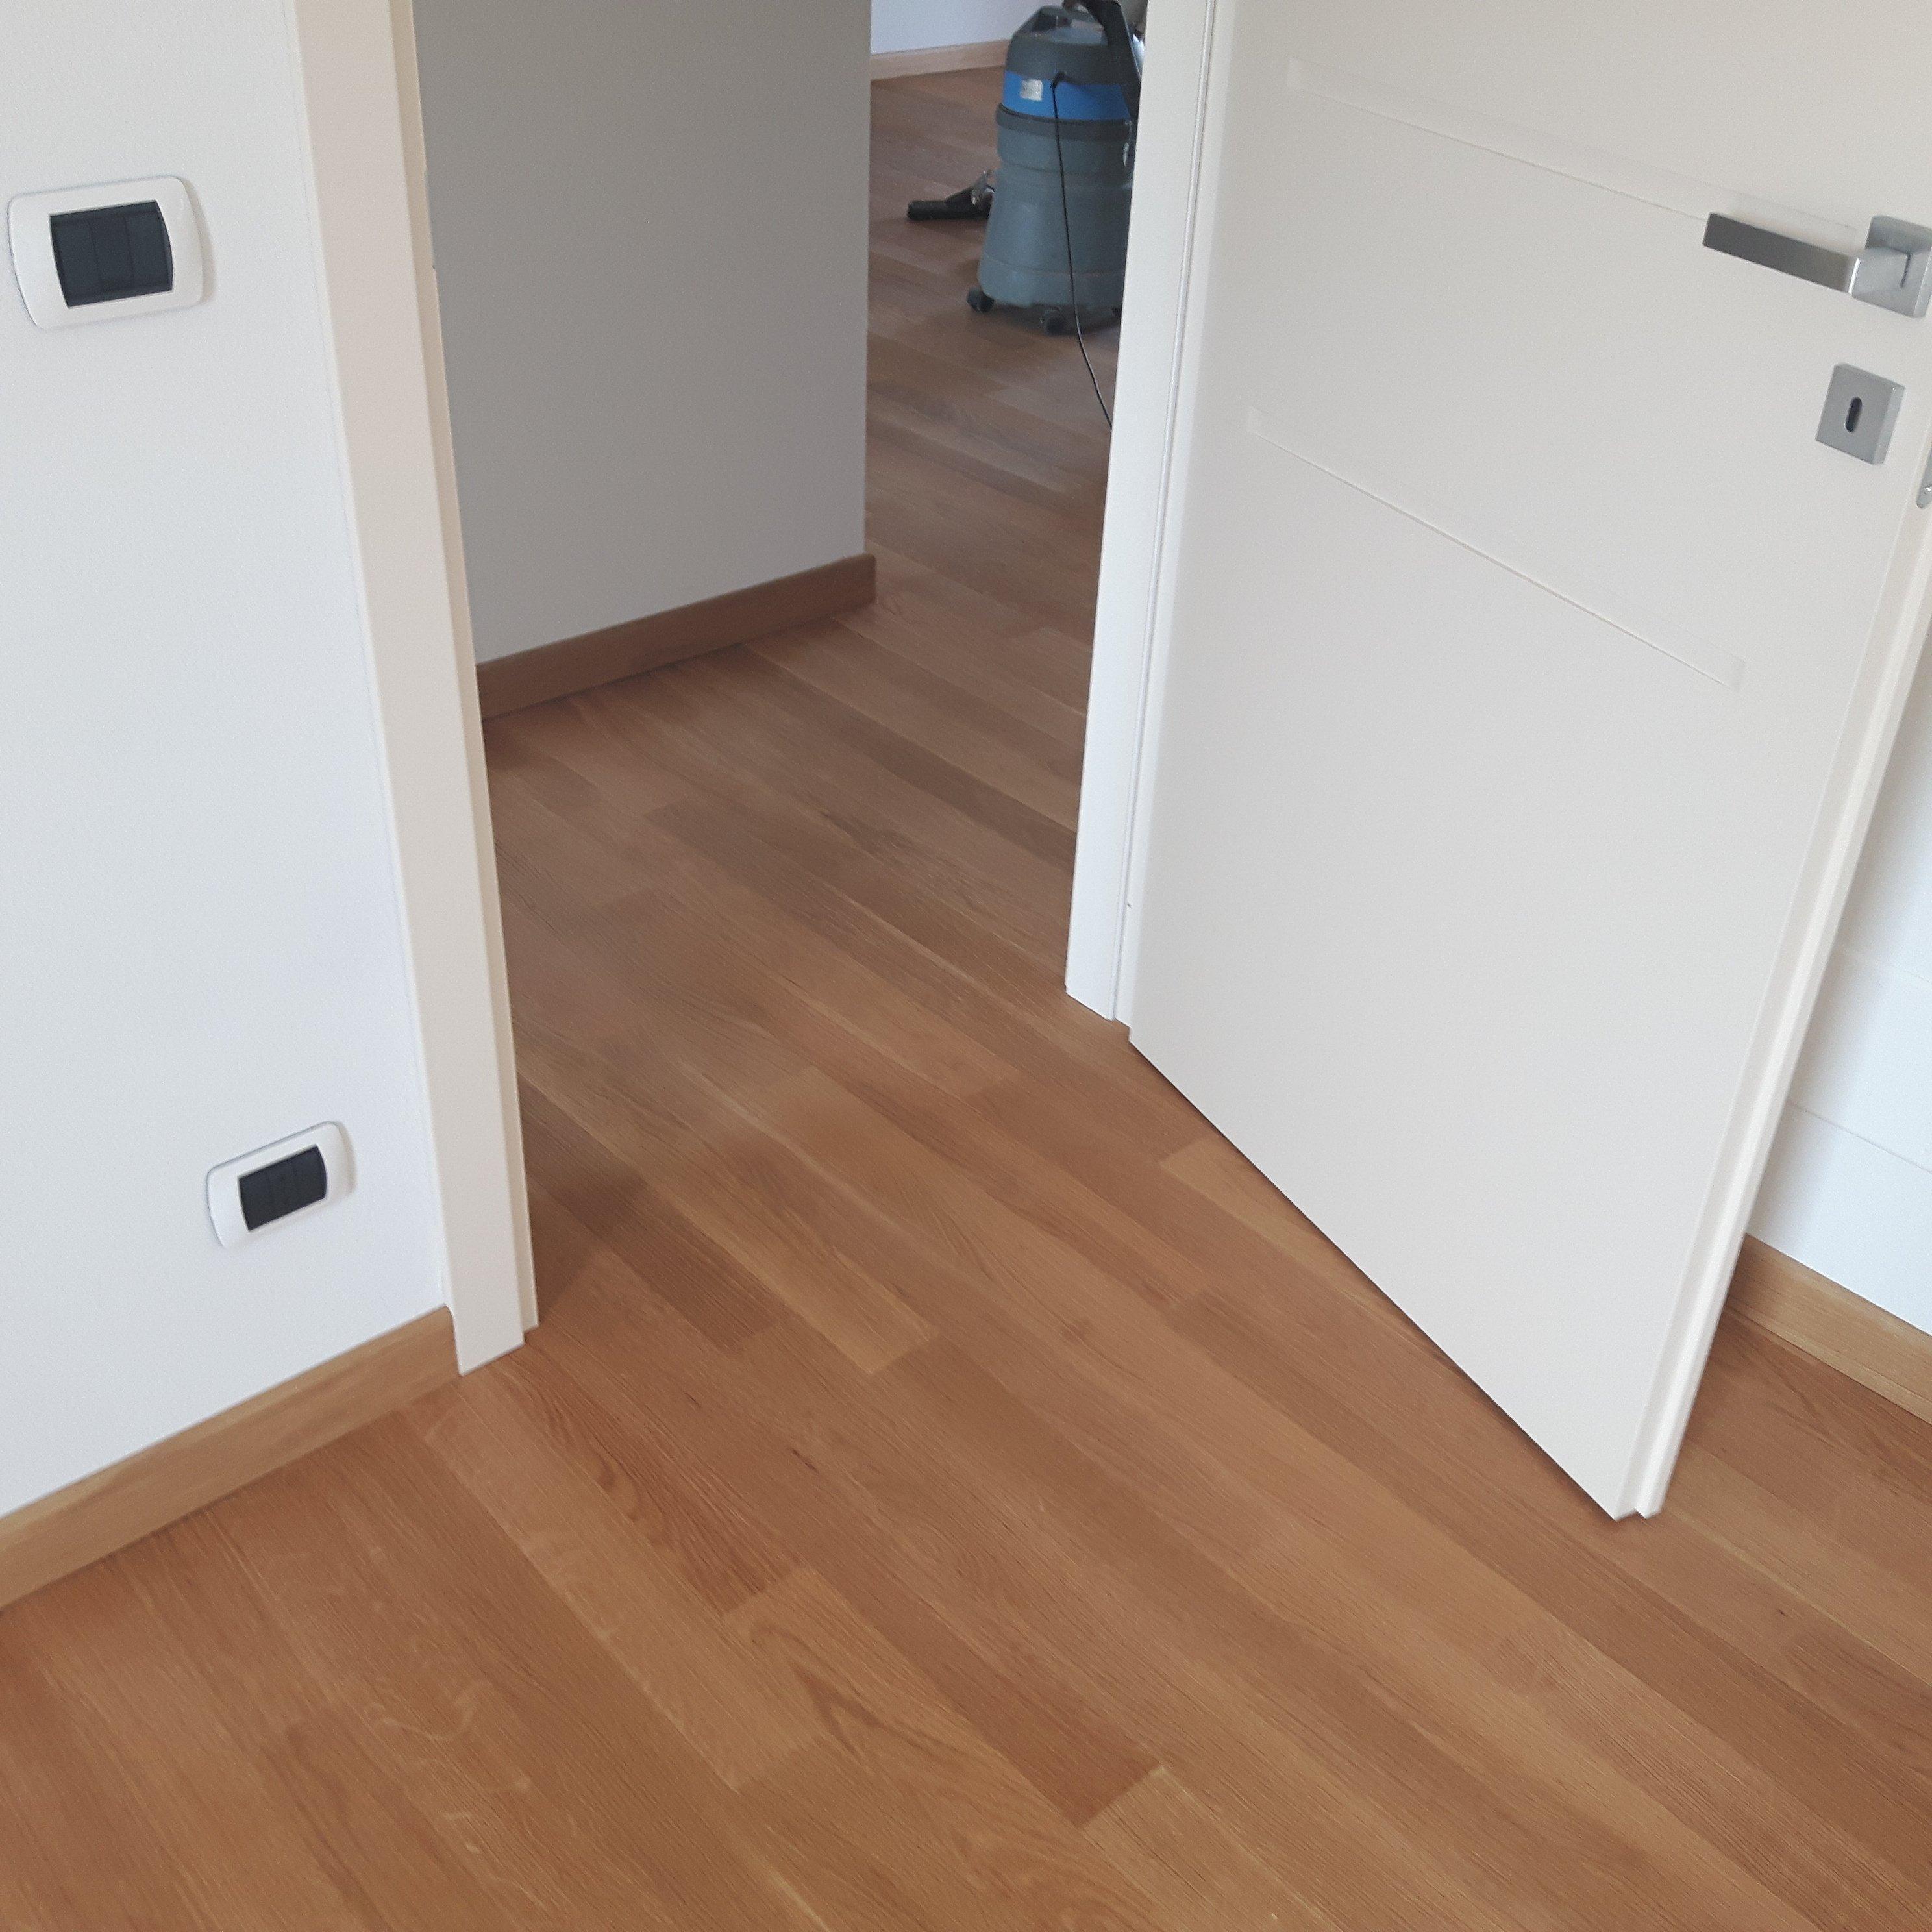 ingresso in una stanza con pavimento in parquet